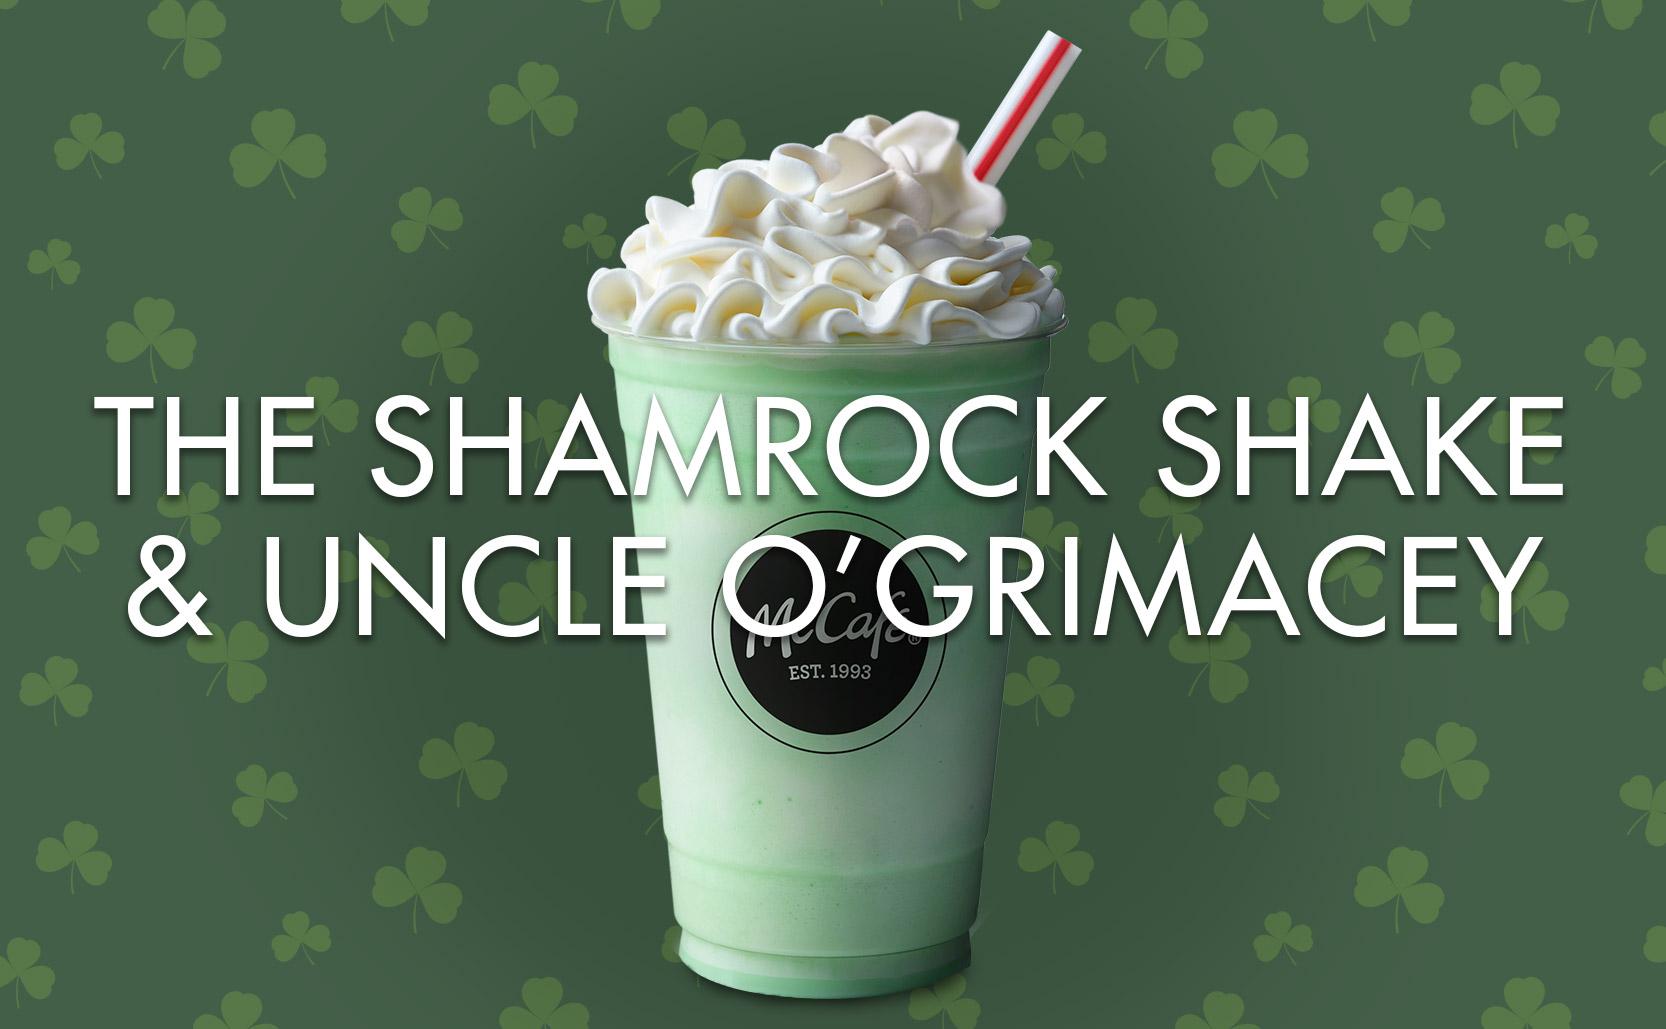 the Shamrock Shake & Uncle O'Grimacey